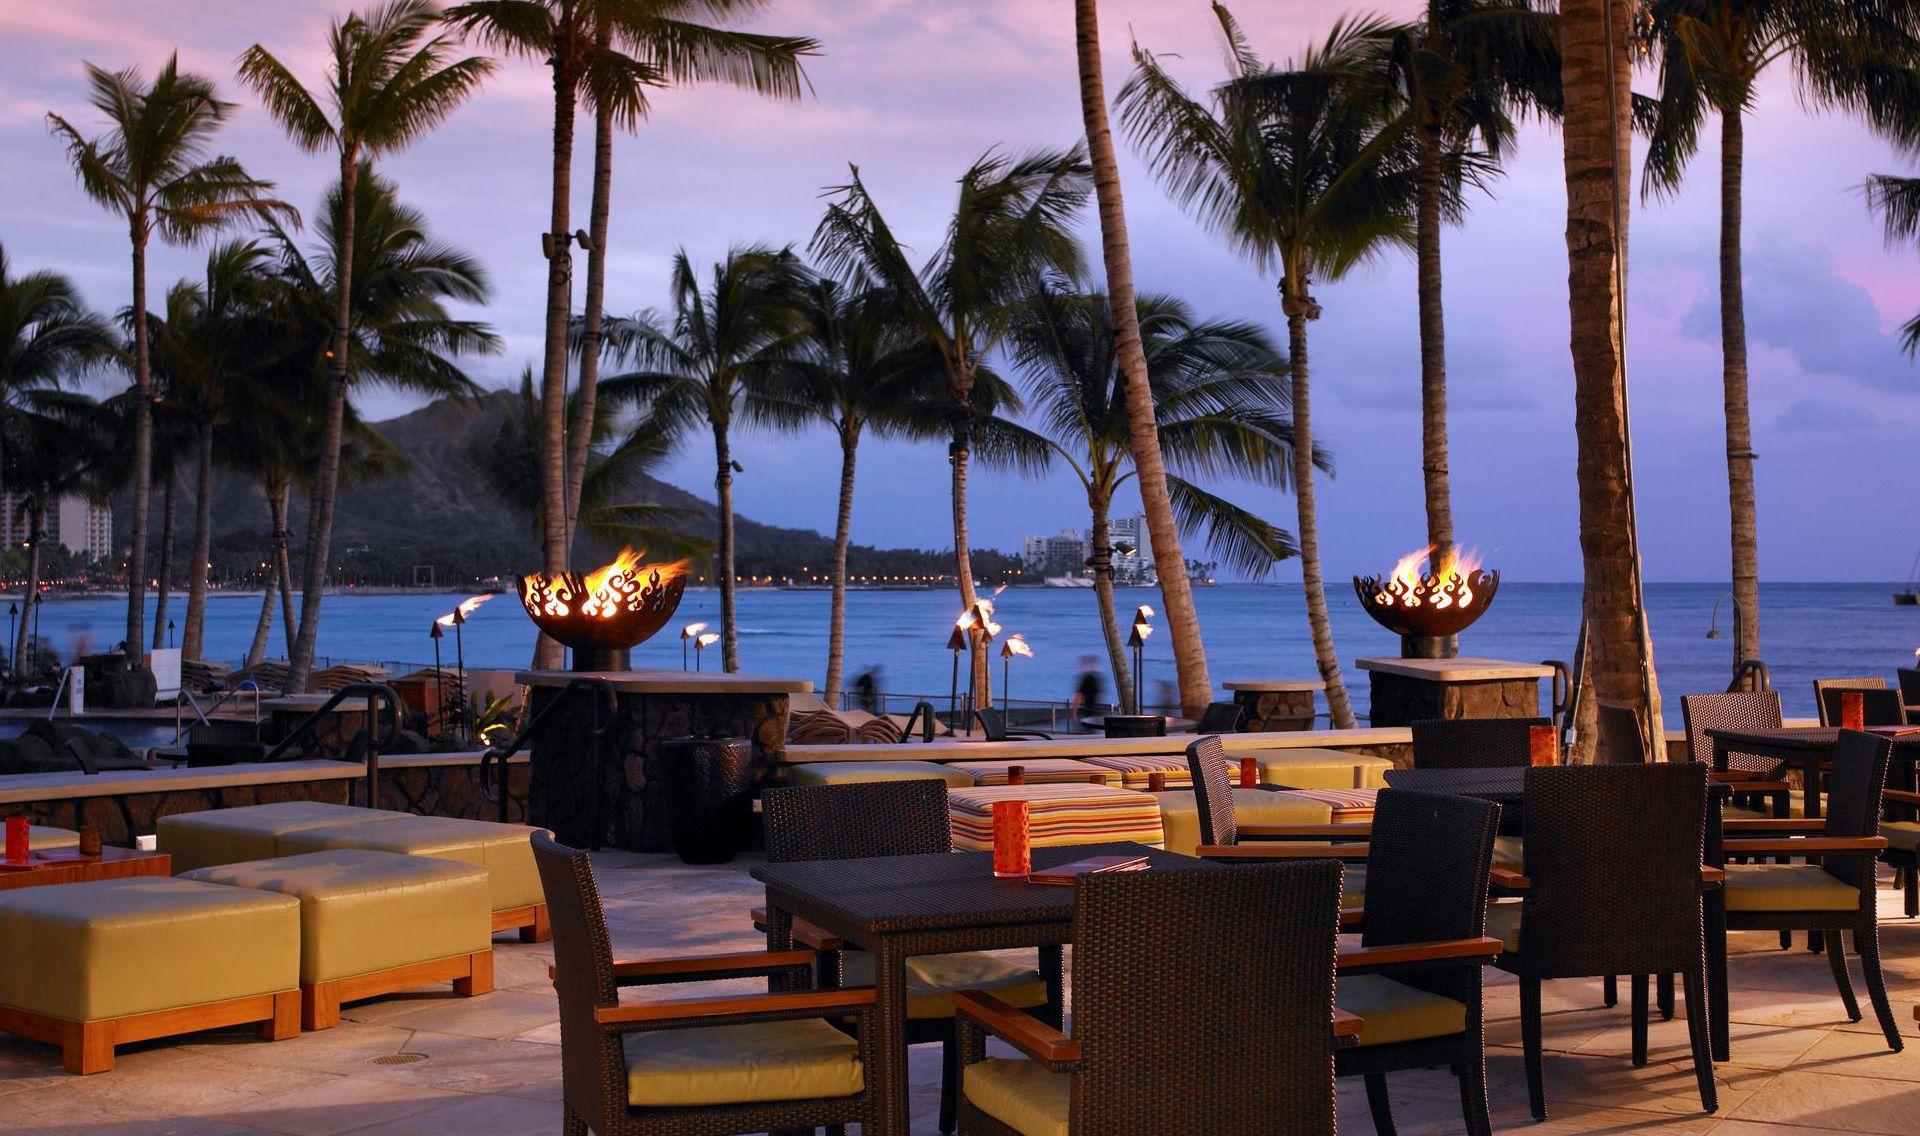 Waikiki Beach Hotels Sheraton Hotel Honolulu Hawaii Resorts